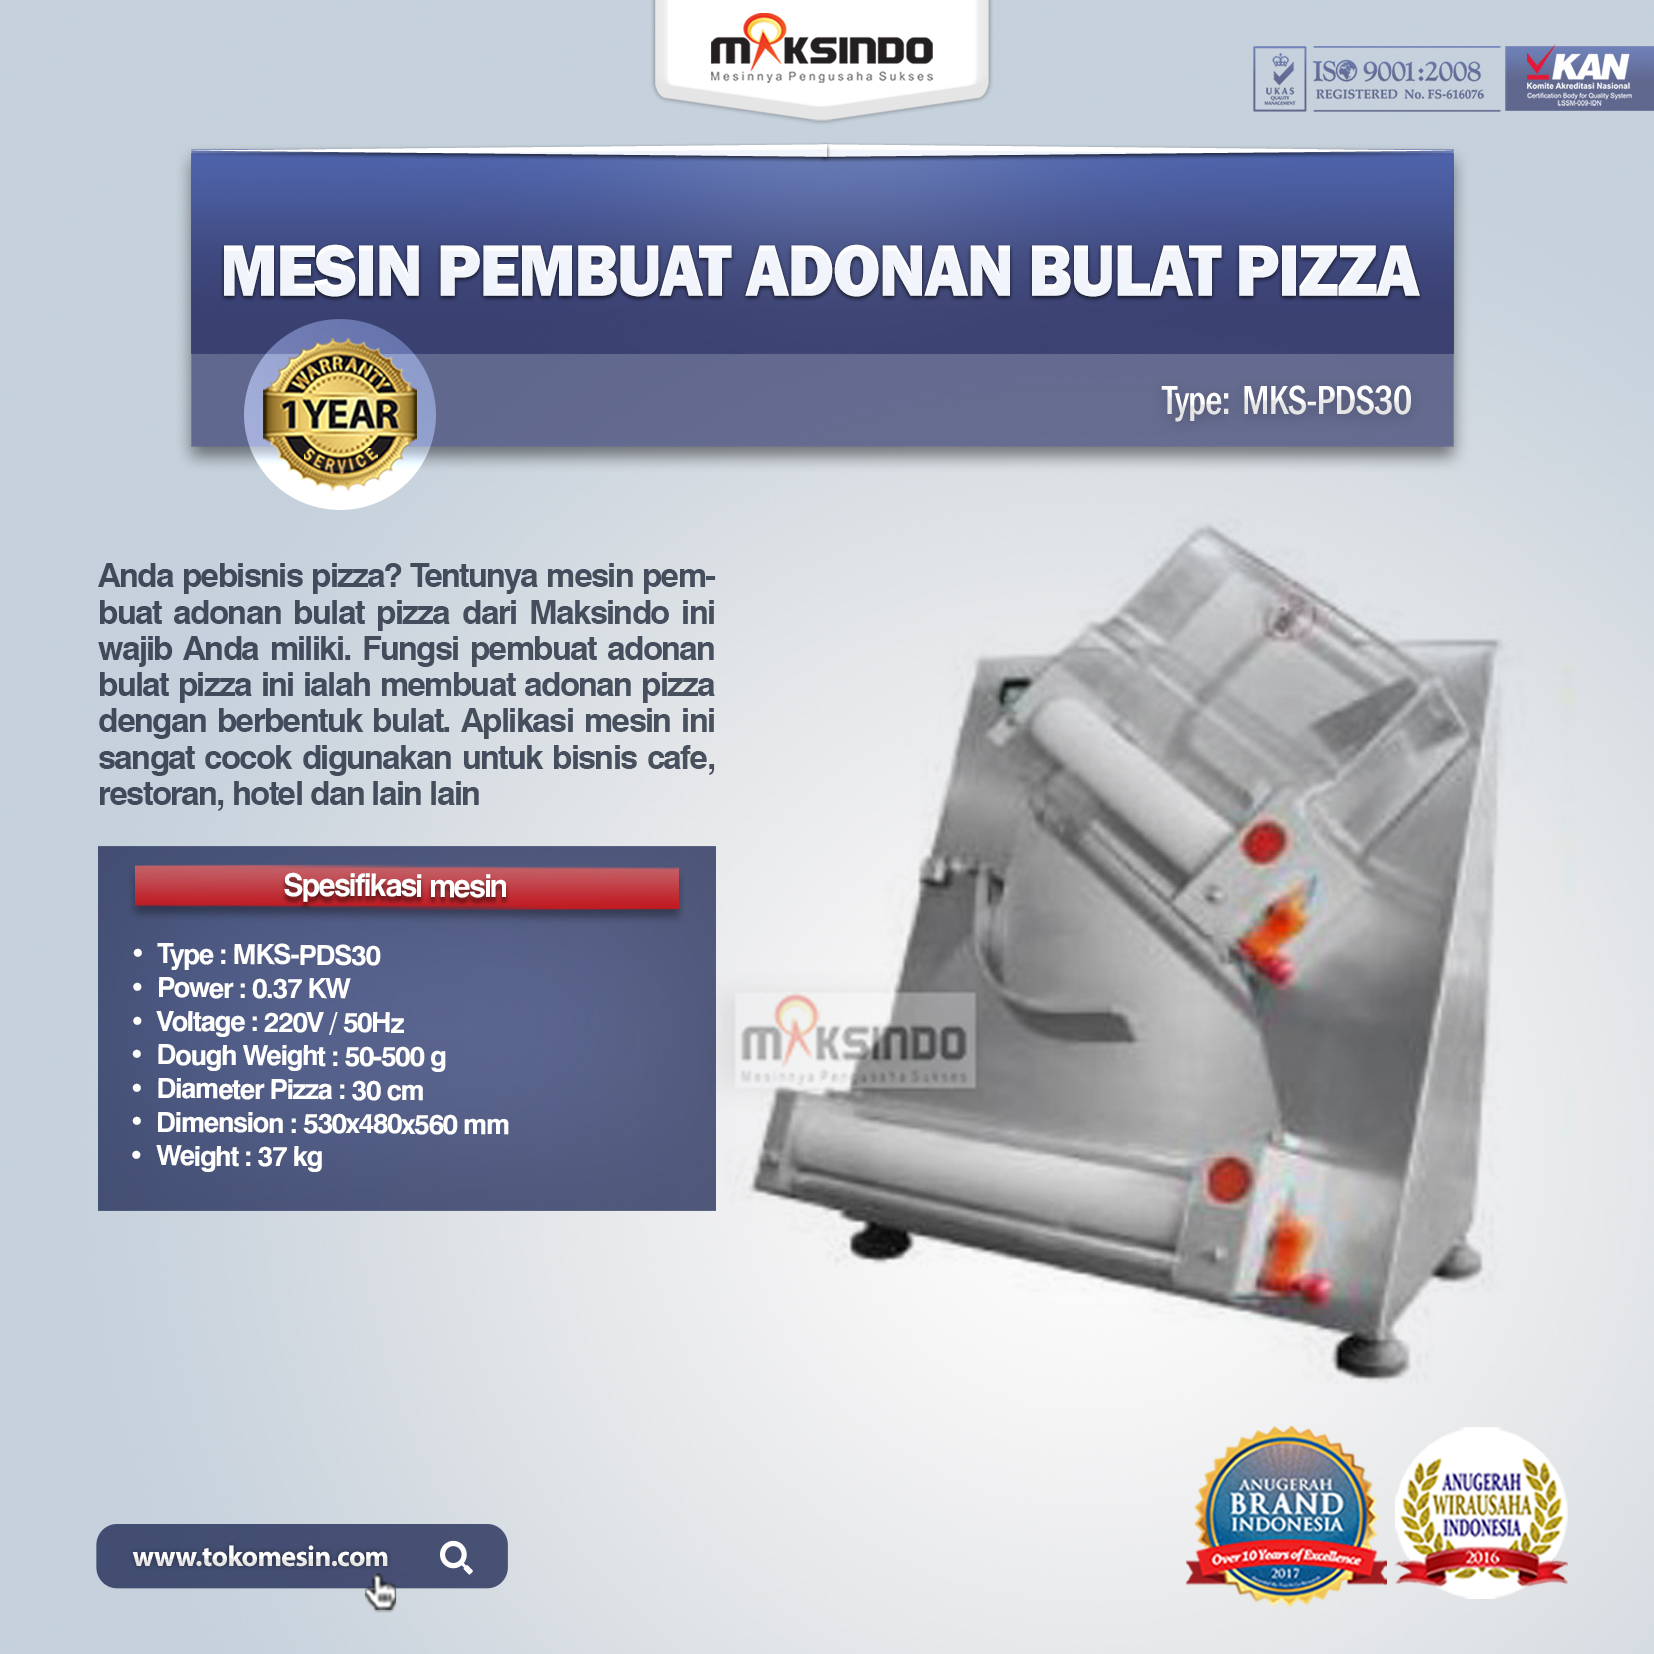 Mesin Pembuat Adonan Bulat Pizza MKS-PDS30